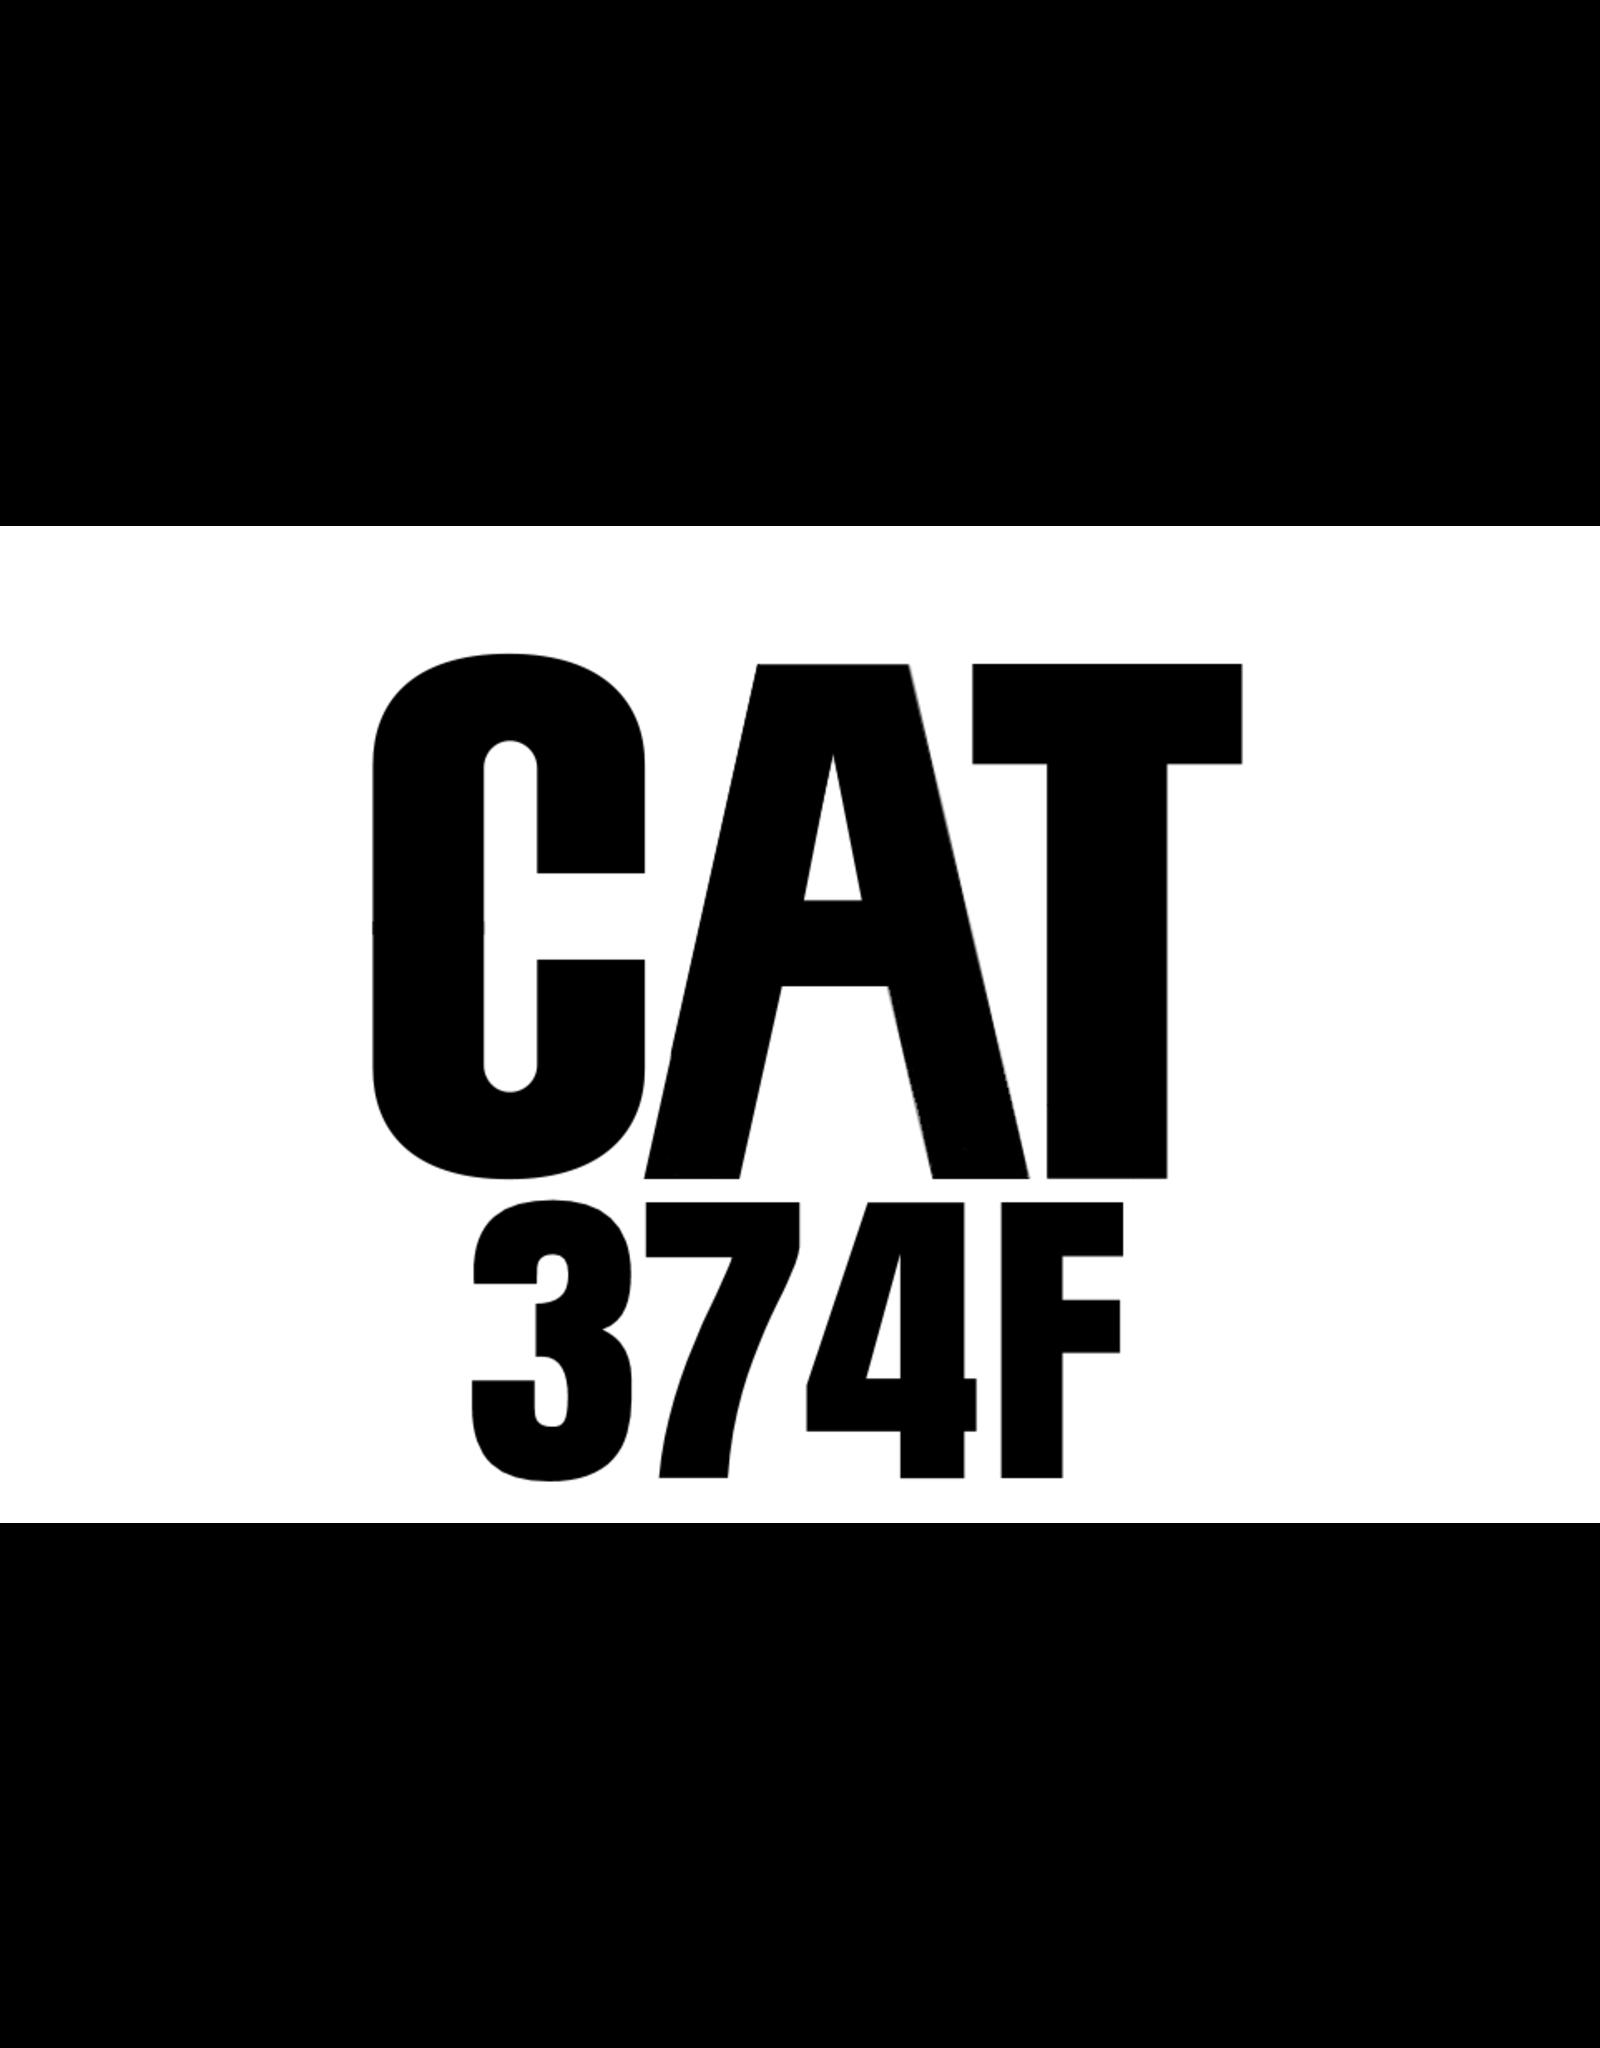 Echle Hartstahl GmbH FOPS für CAT 374F